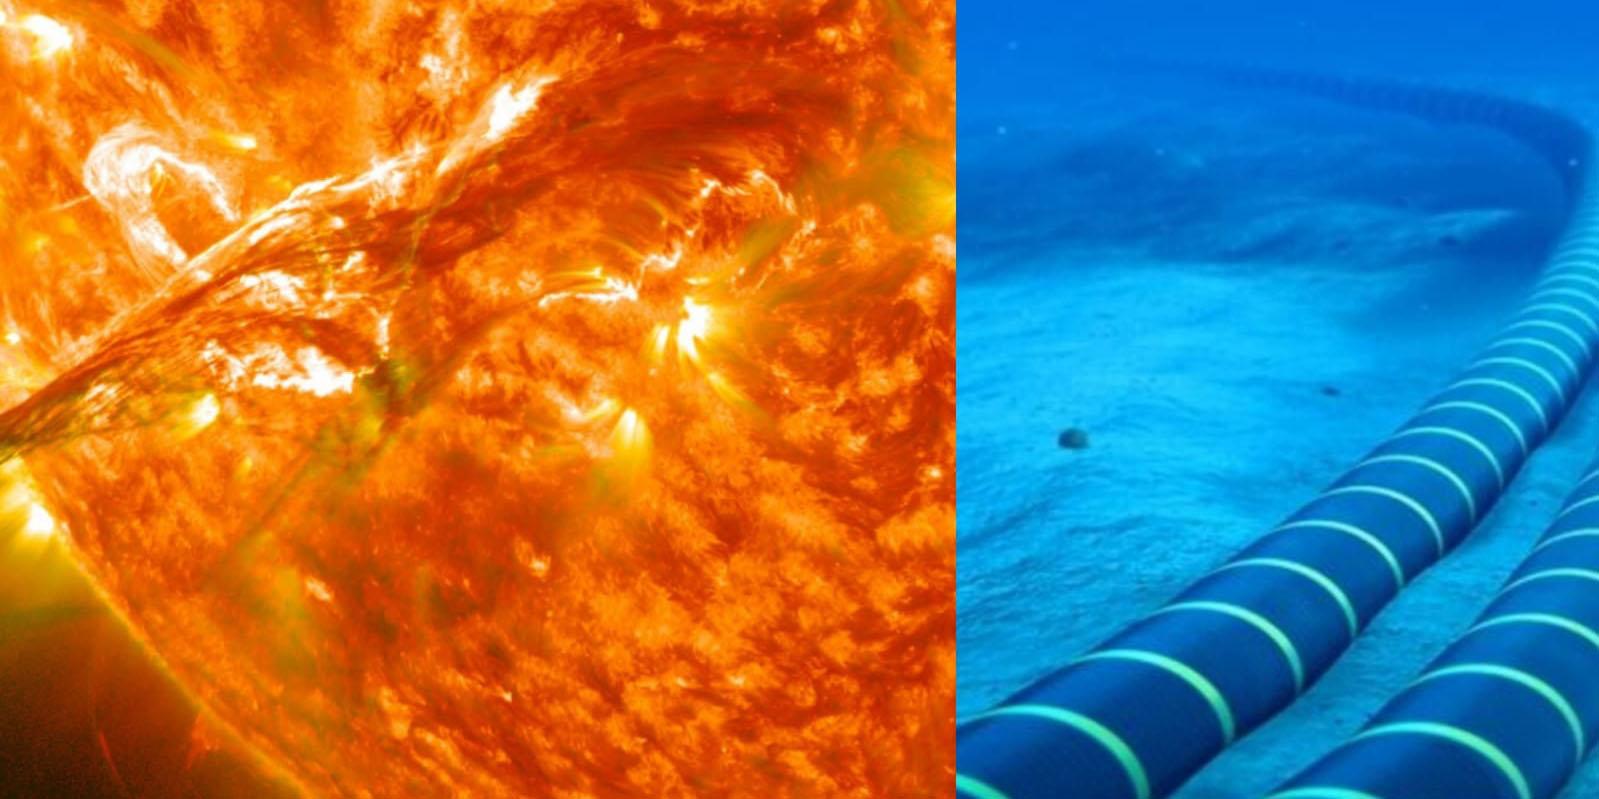 Tormentas solares causarían el 'apocalipsis de internet', cables submarinos colapsarían   El Imparcial de Oaxaca